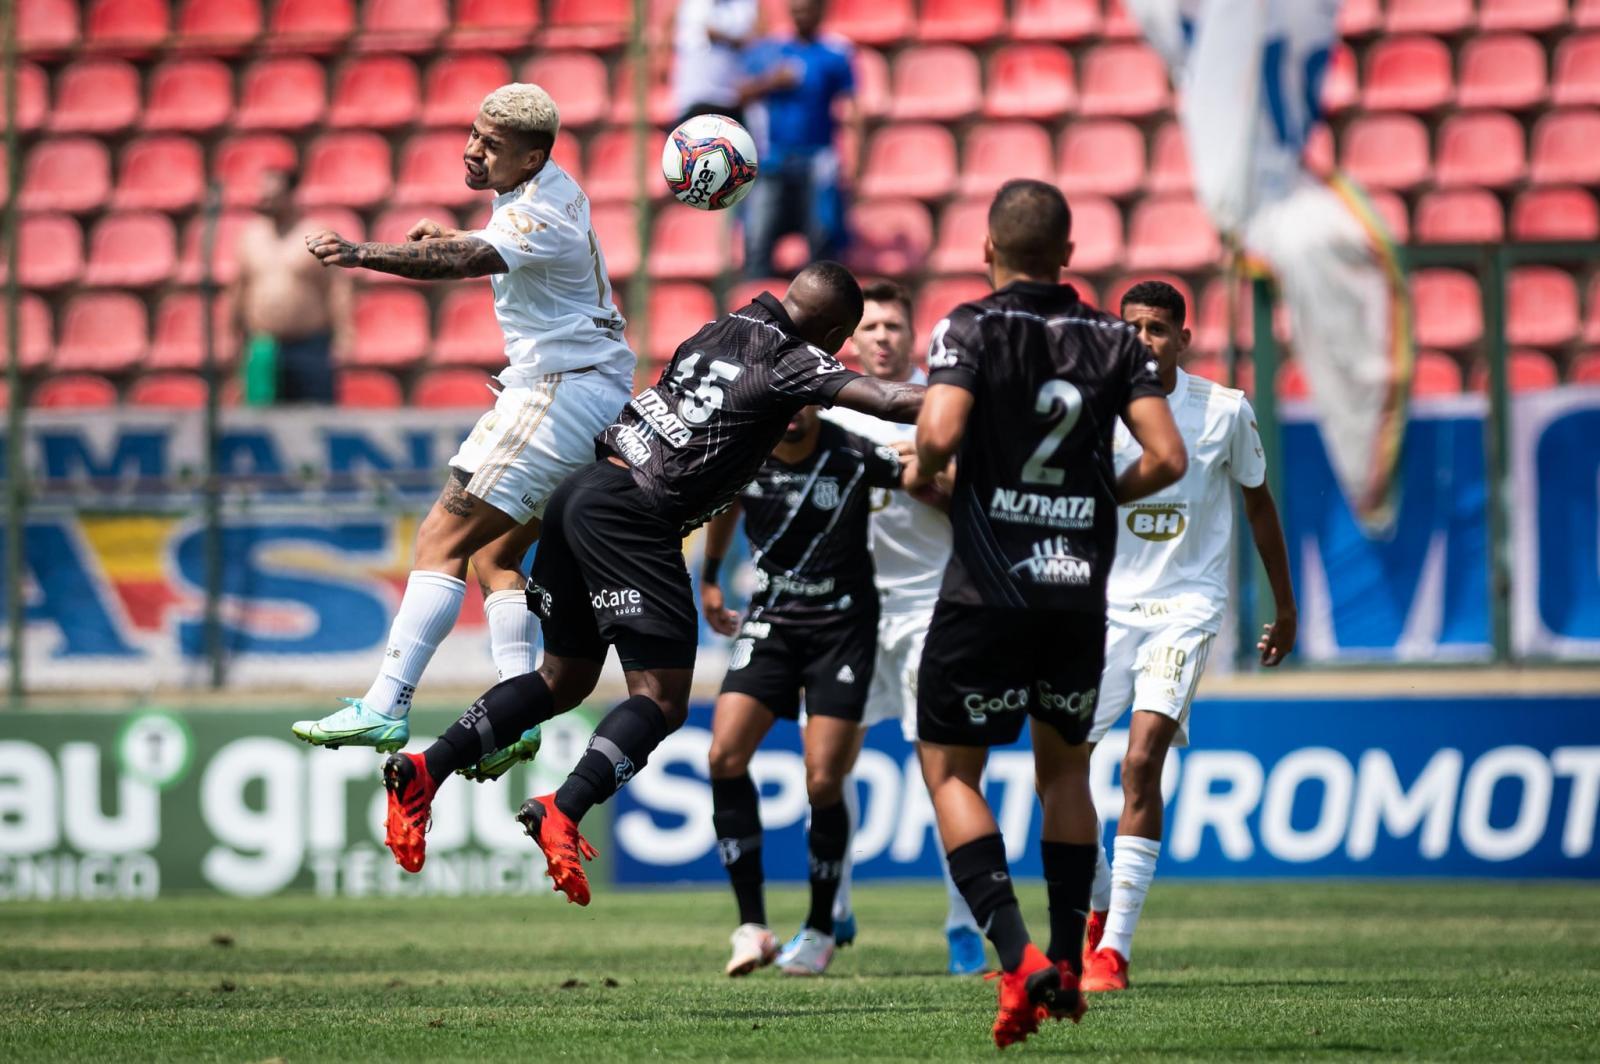 Com apoio da torcida, Cruzeiro bate Ponte Preta e se afasta do perigo na Série B